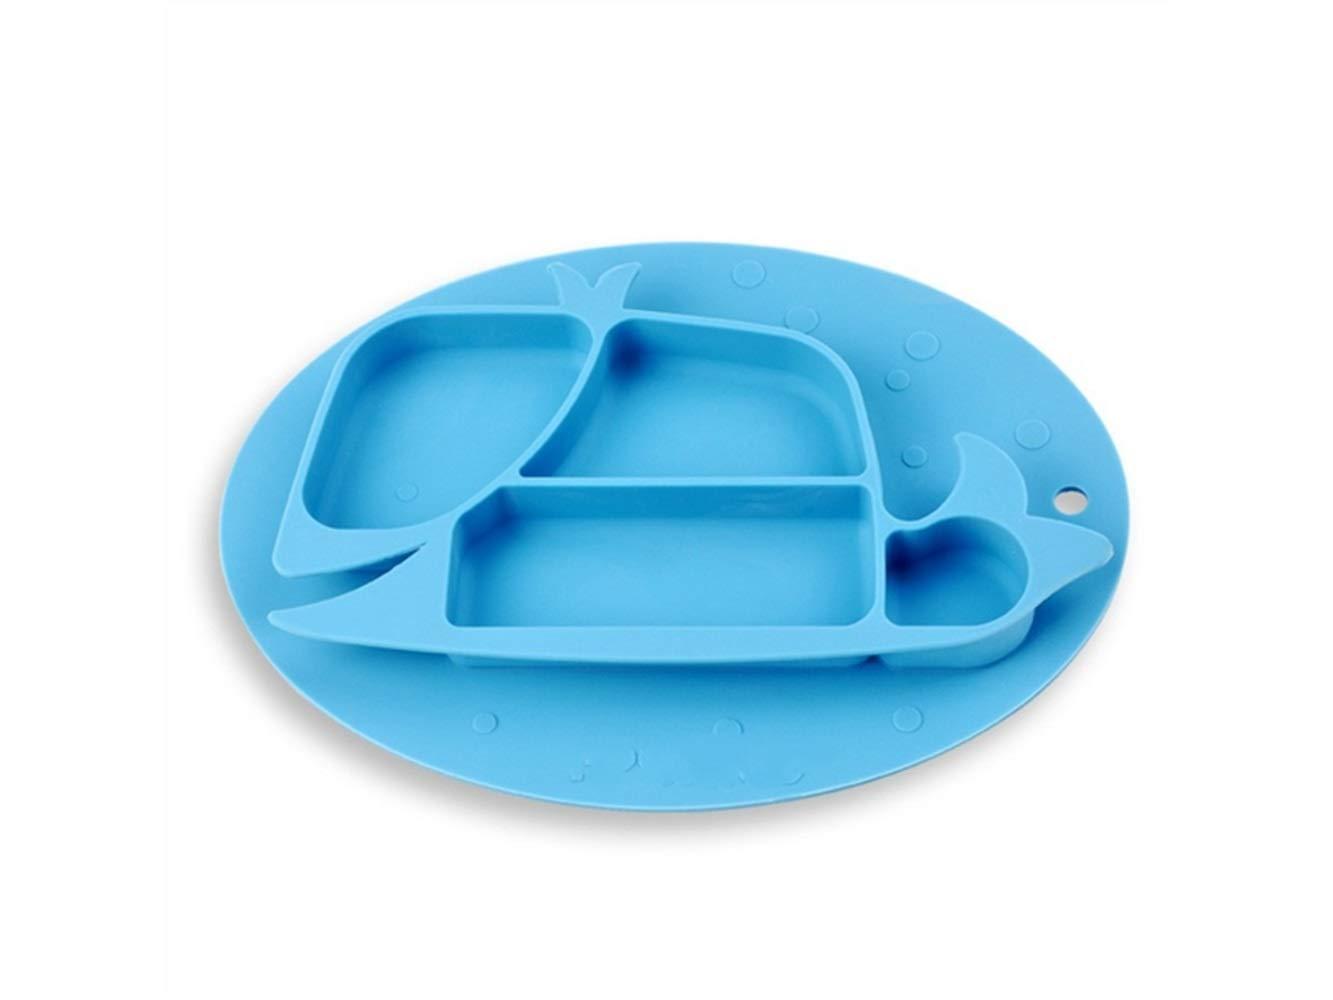 FERFERFERWON Mantel para bebé Silicona Animal Forma Antideslizante Bowl Baby Plate Plato Plato vajilla para Alimentar Placemat (Azul) Niños pequeños: ...